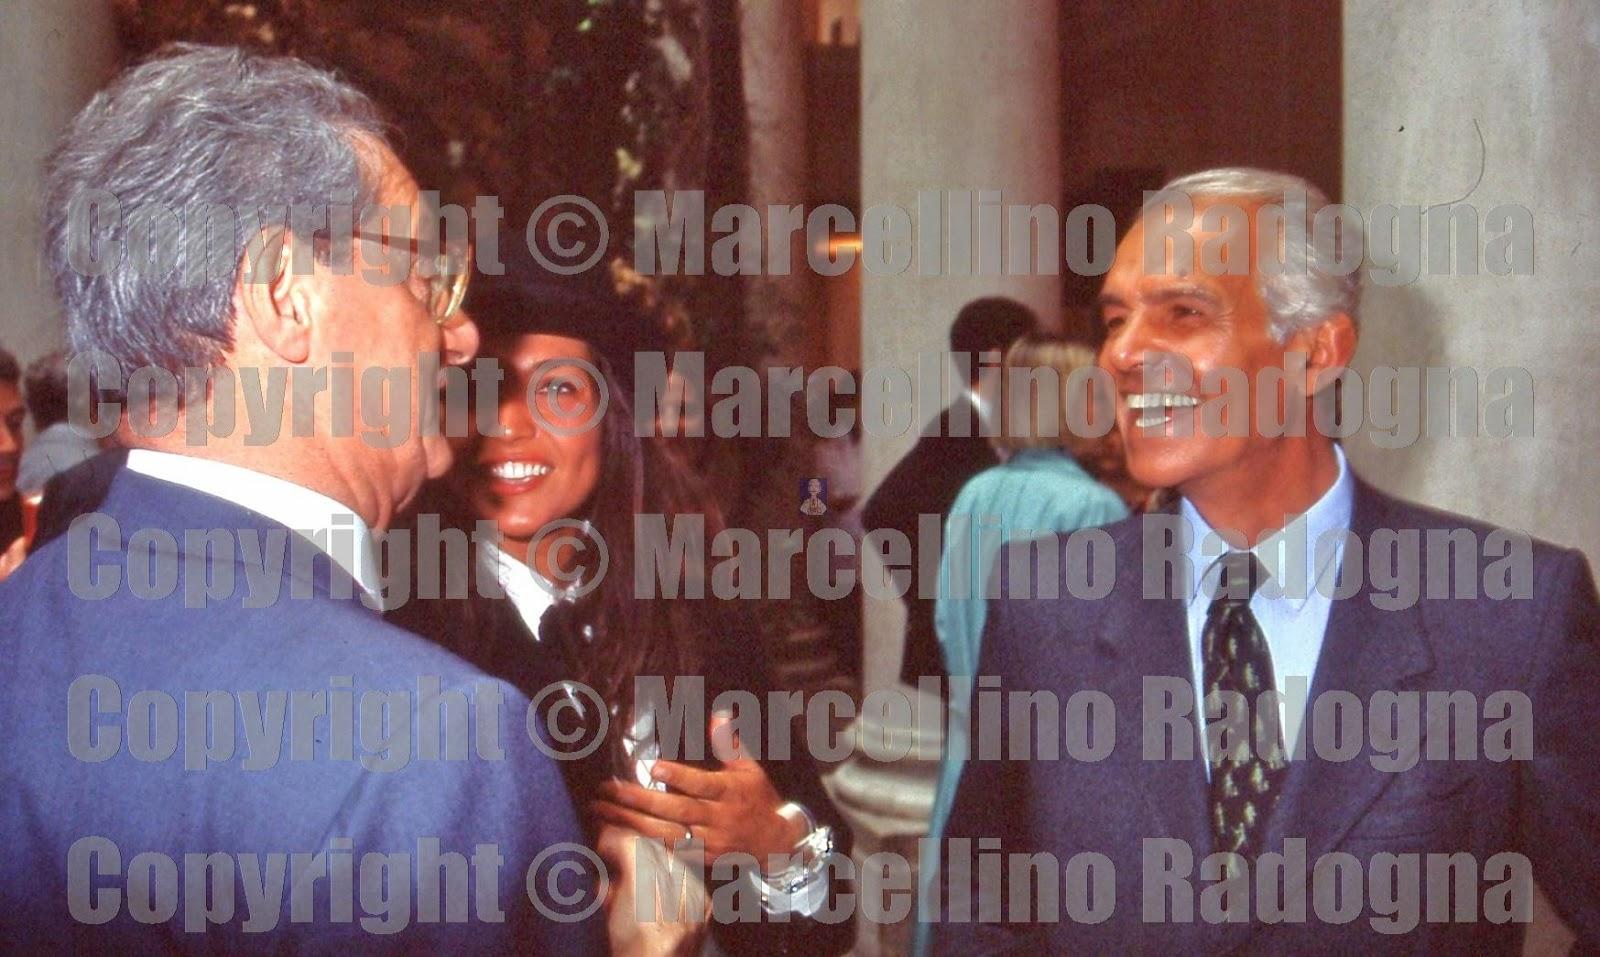 Marcellino Radogna - Fotonotizie per la stampa: Cesare Romiti con Raul  Gardini e la figlia Eleonora